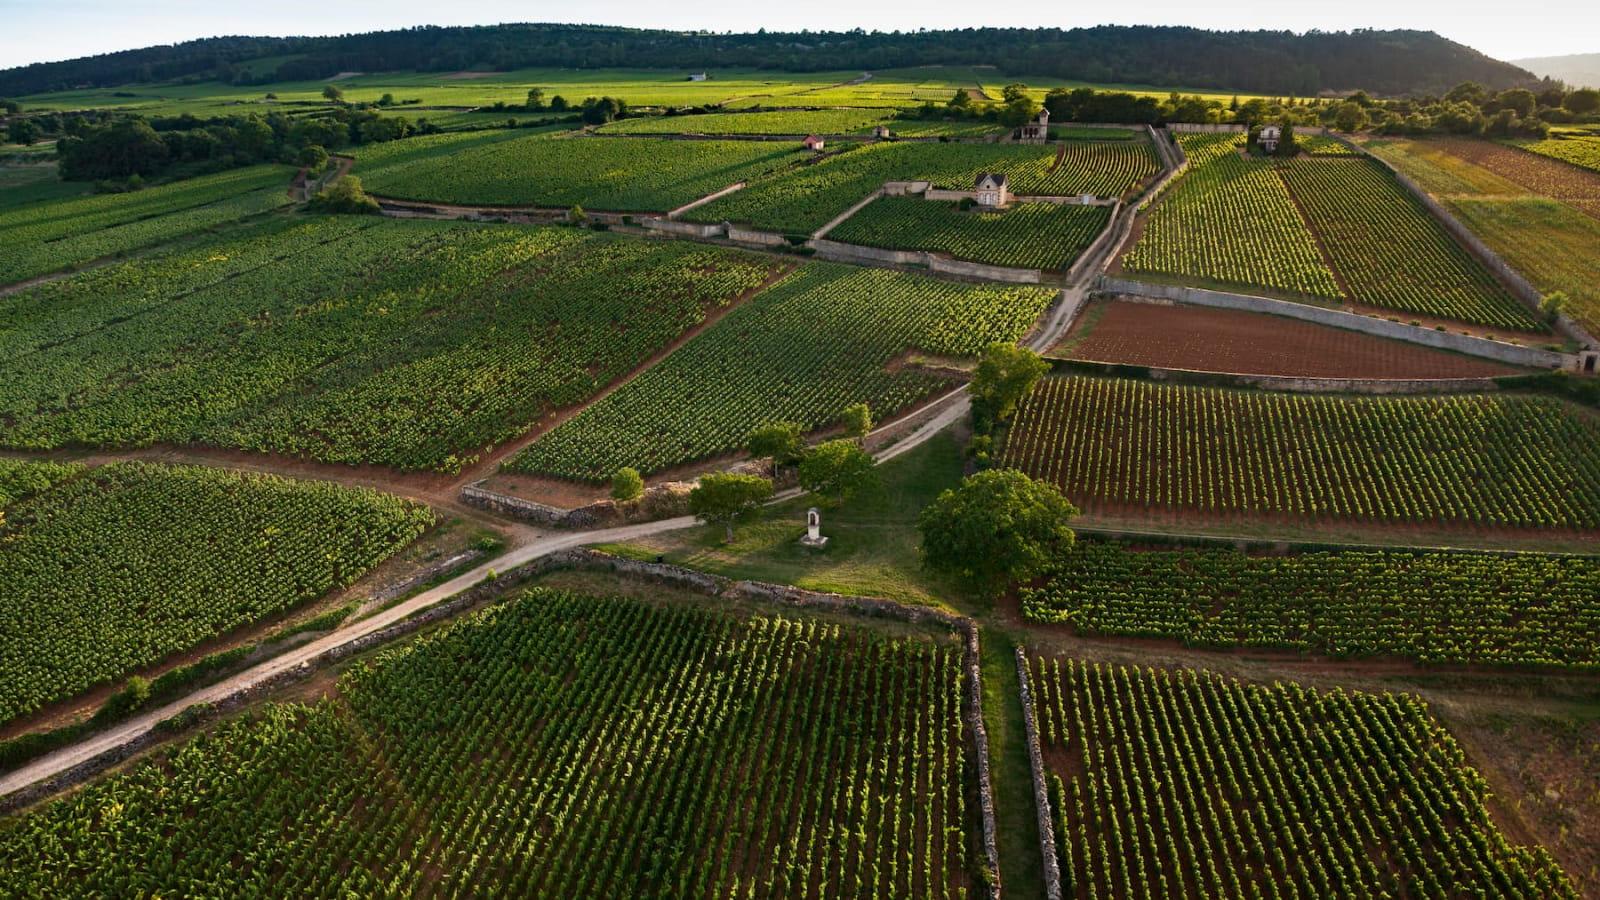 Les Climages du vignoble de Bourgogne - Meursault